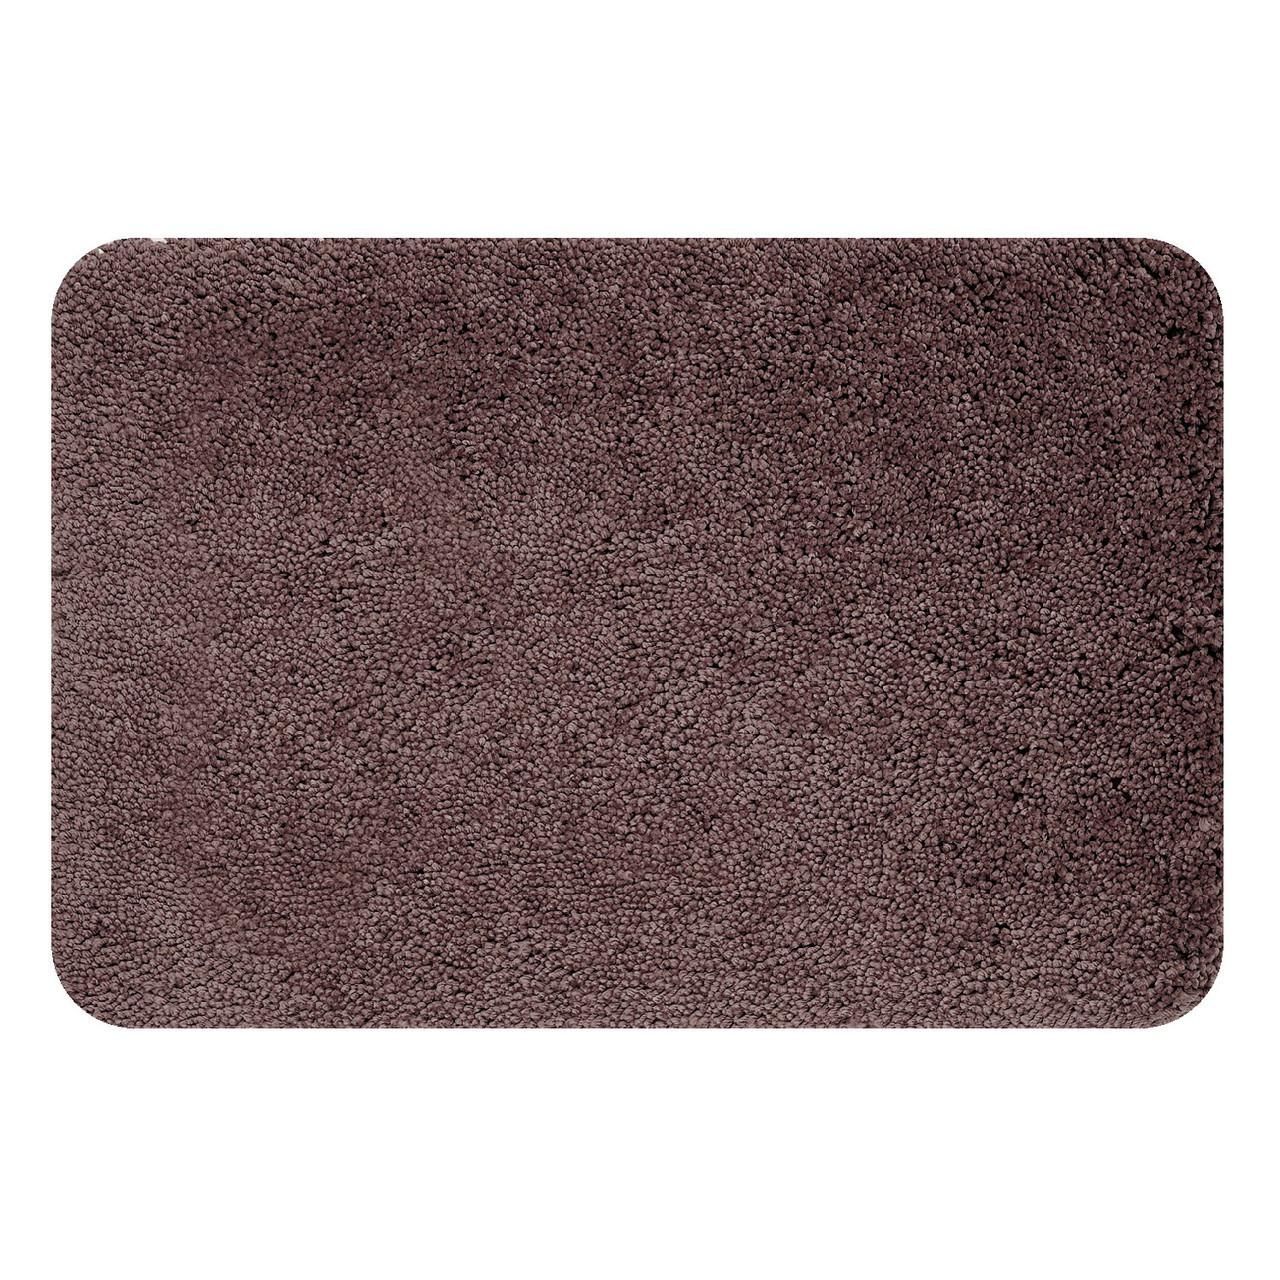 Коврик для ванной Spirella HIGHLAND 80х150см коричневый 10.14368